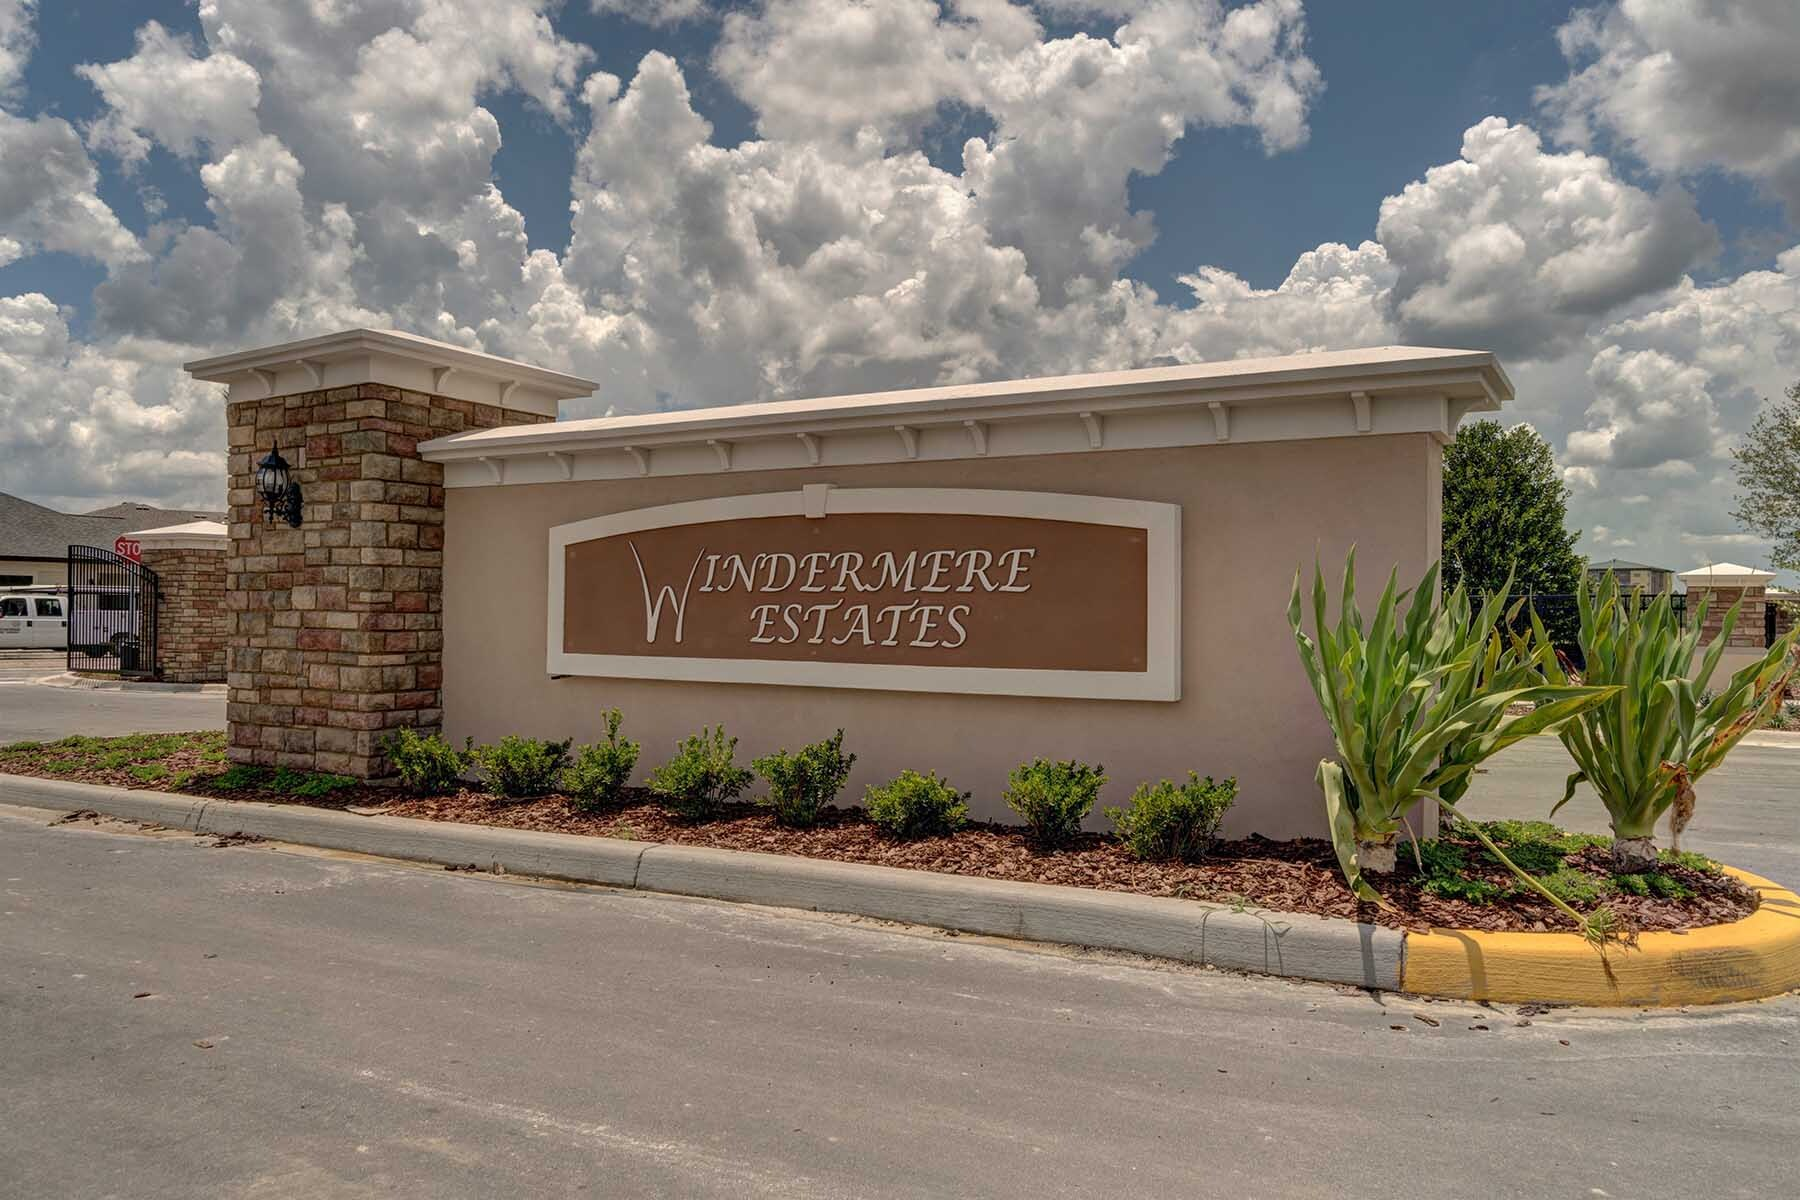 Windermere Estates Entrance